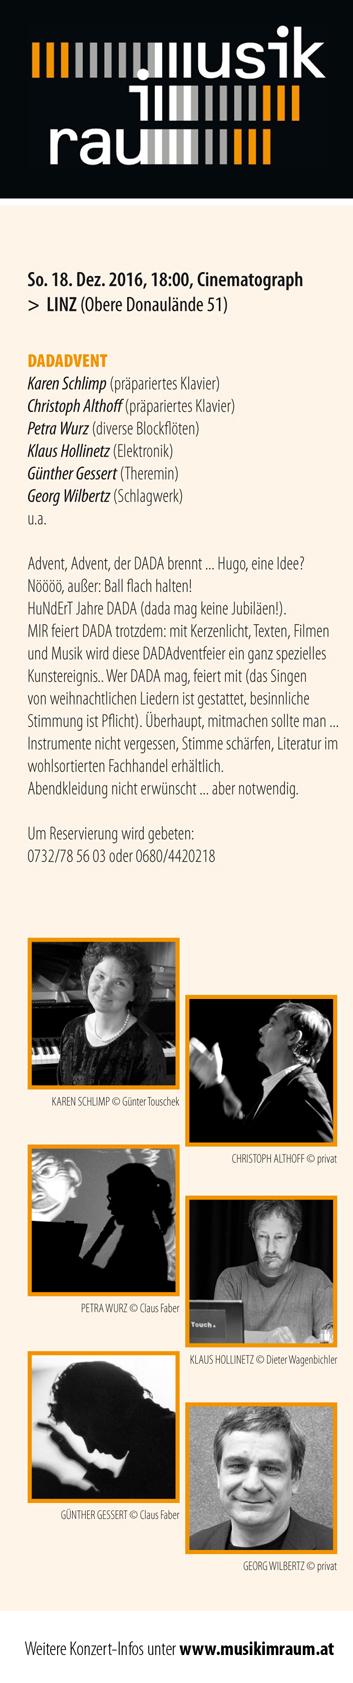 MiR Konzert 18.12.2016